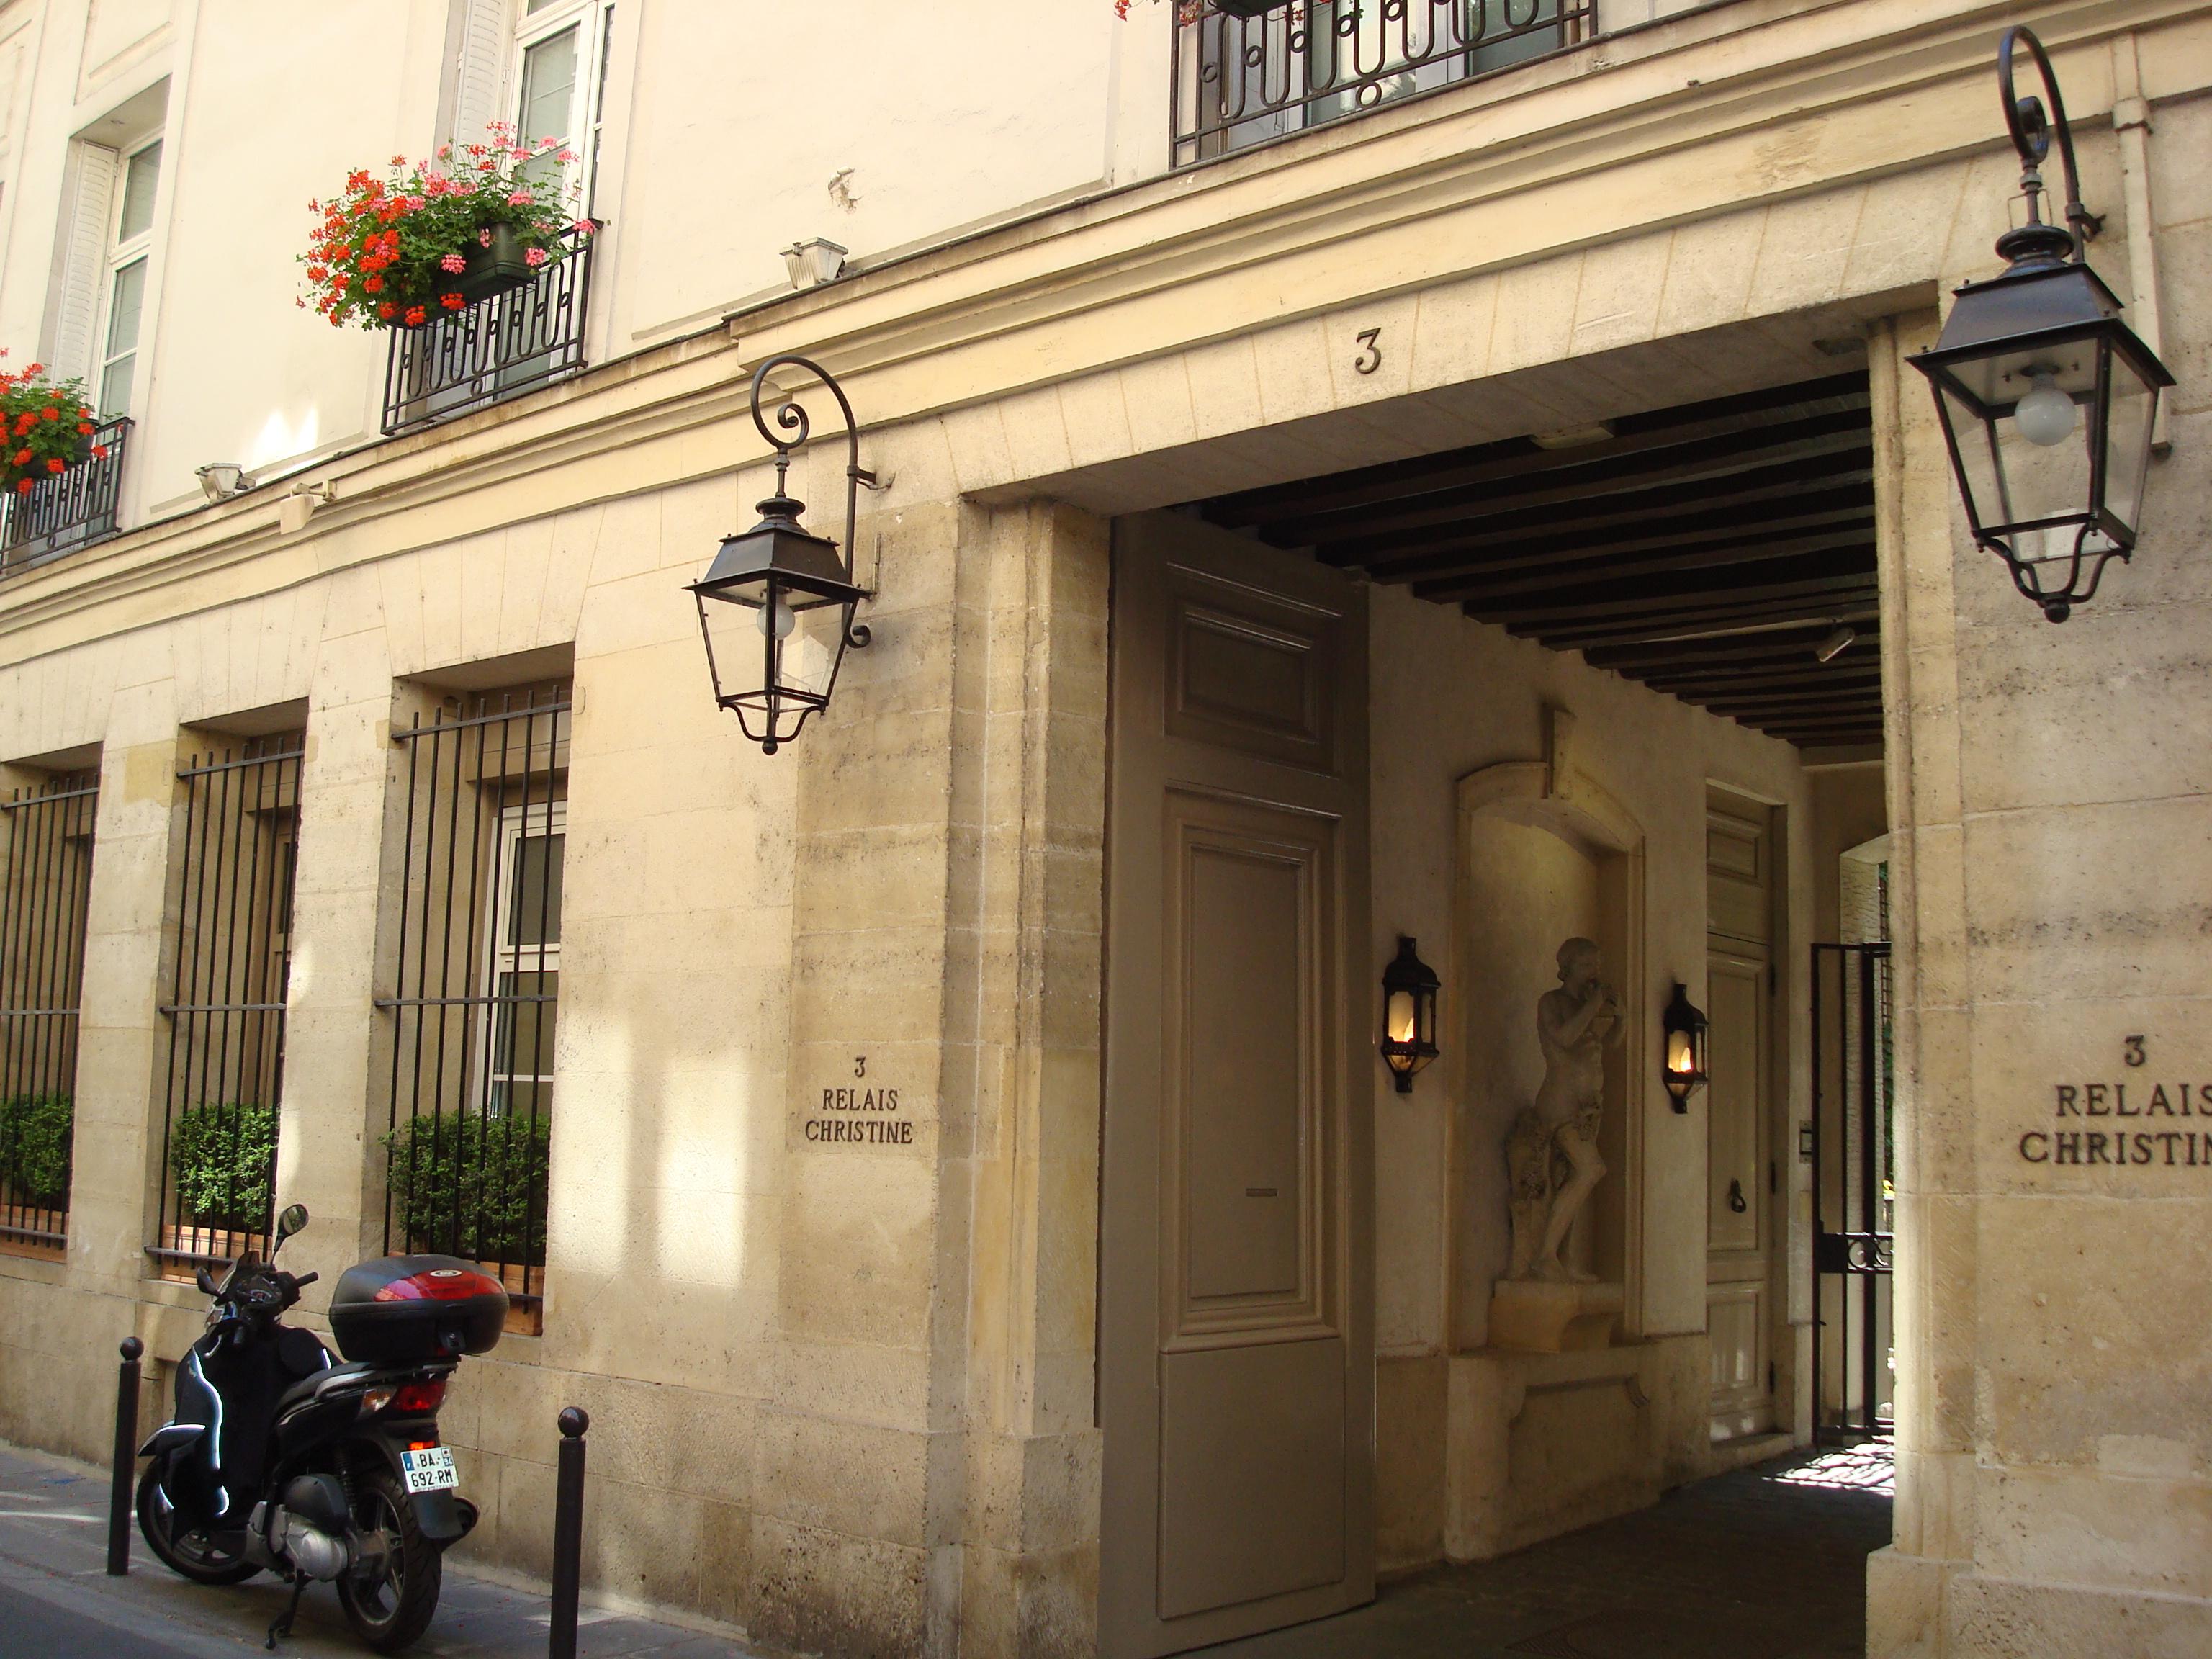 Hotel Relais Christine Paris Tripadvisor